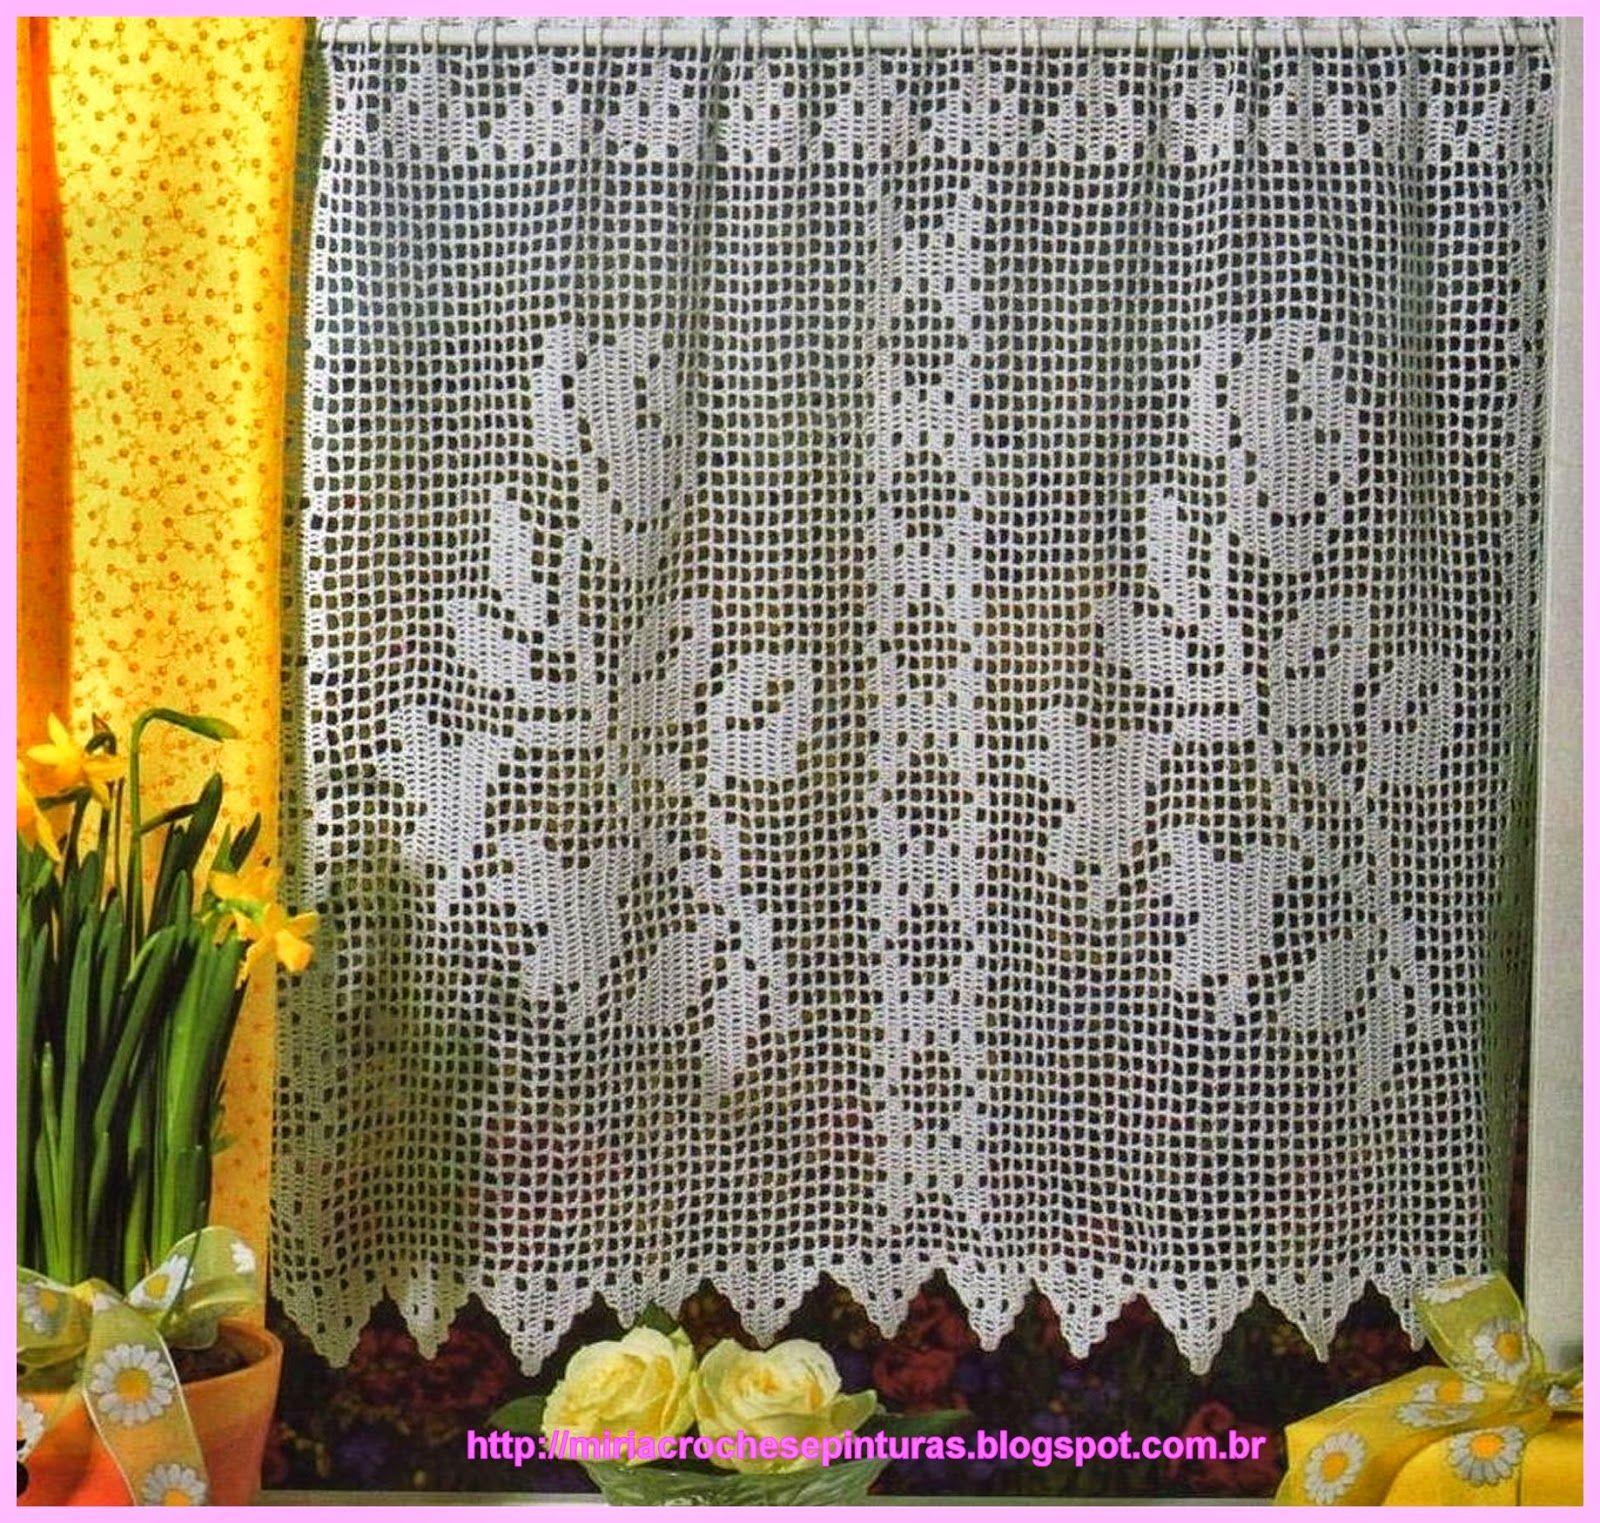 Miria croch s e pinturas cortinas de croch de fil for Cortinas ganchillo